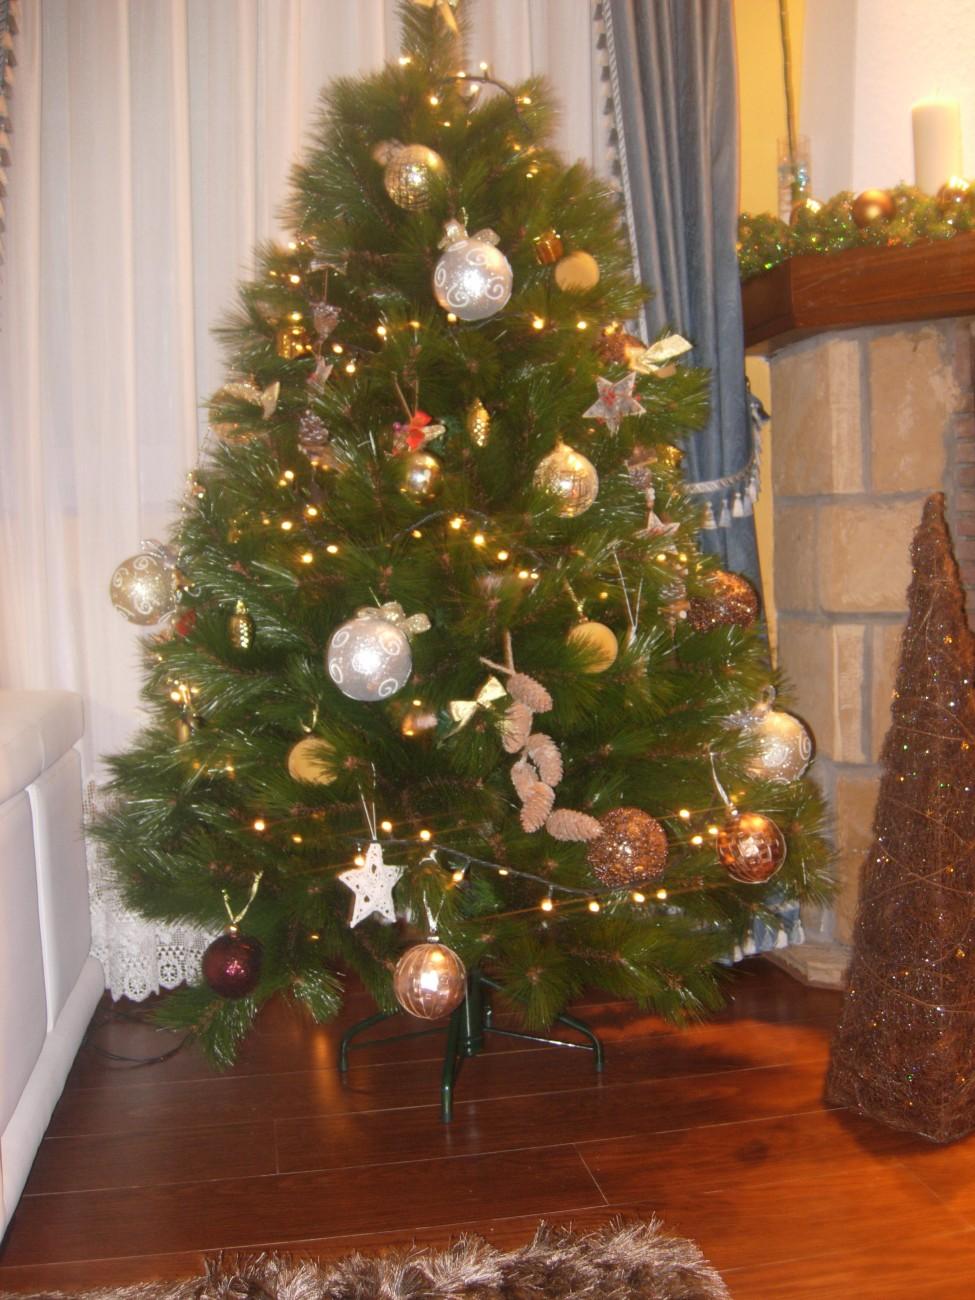 Detalles Dorados y Plateados en Arbol de Navidad